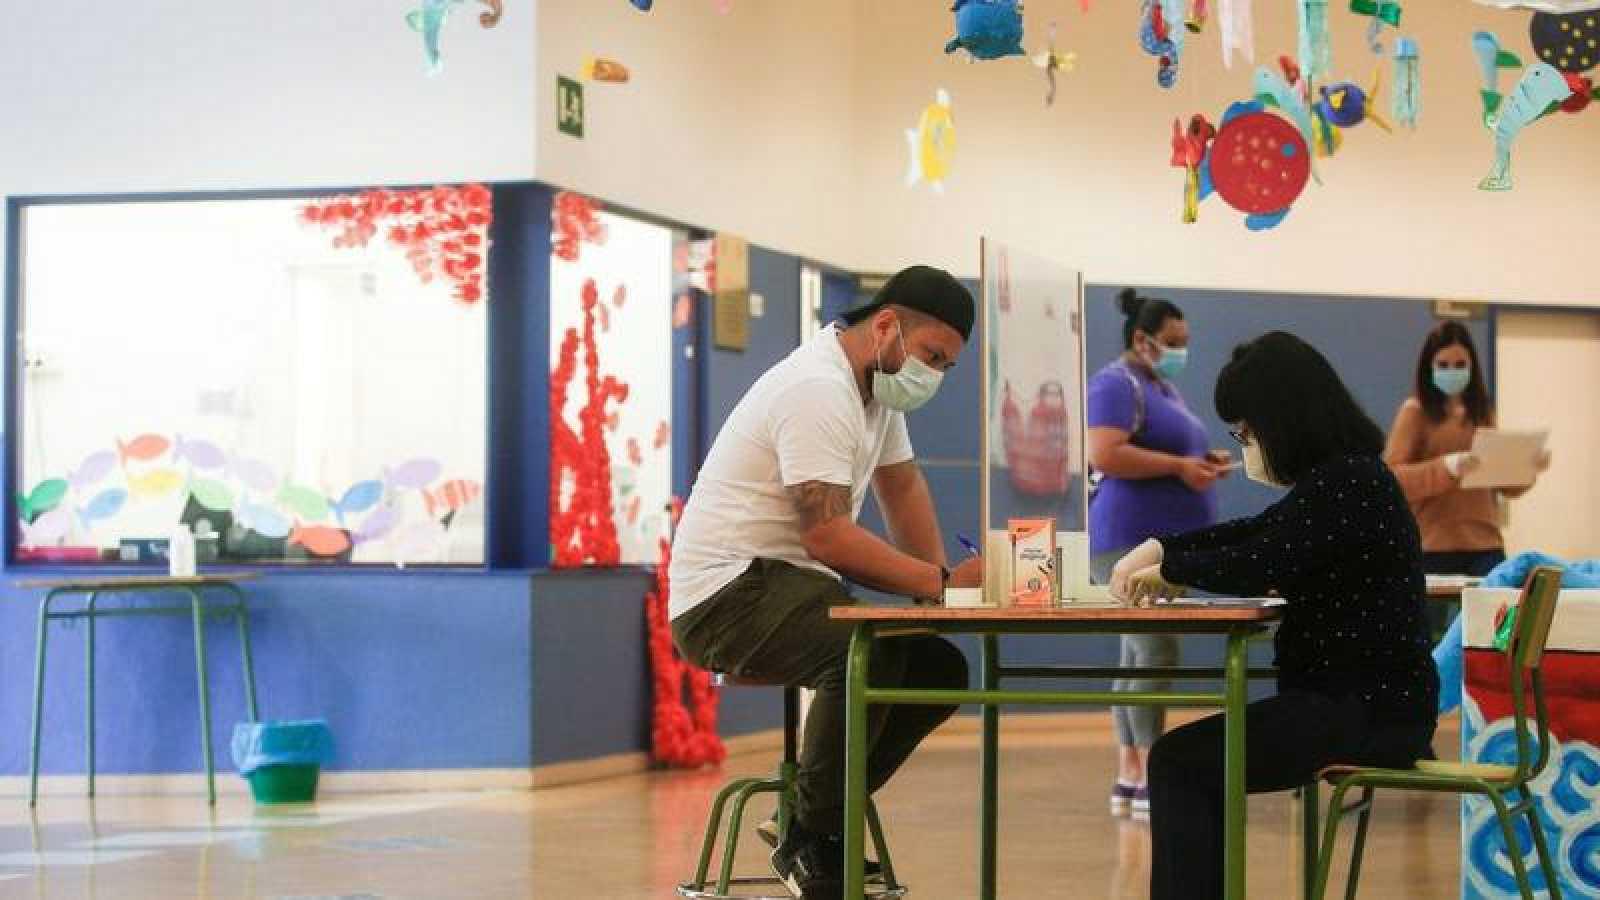 Una administrativa de la Escola l'Estel de Barcelona atiende a una persona.